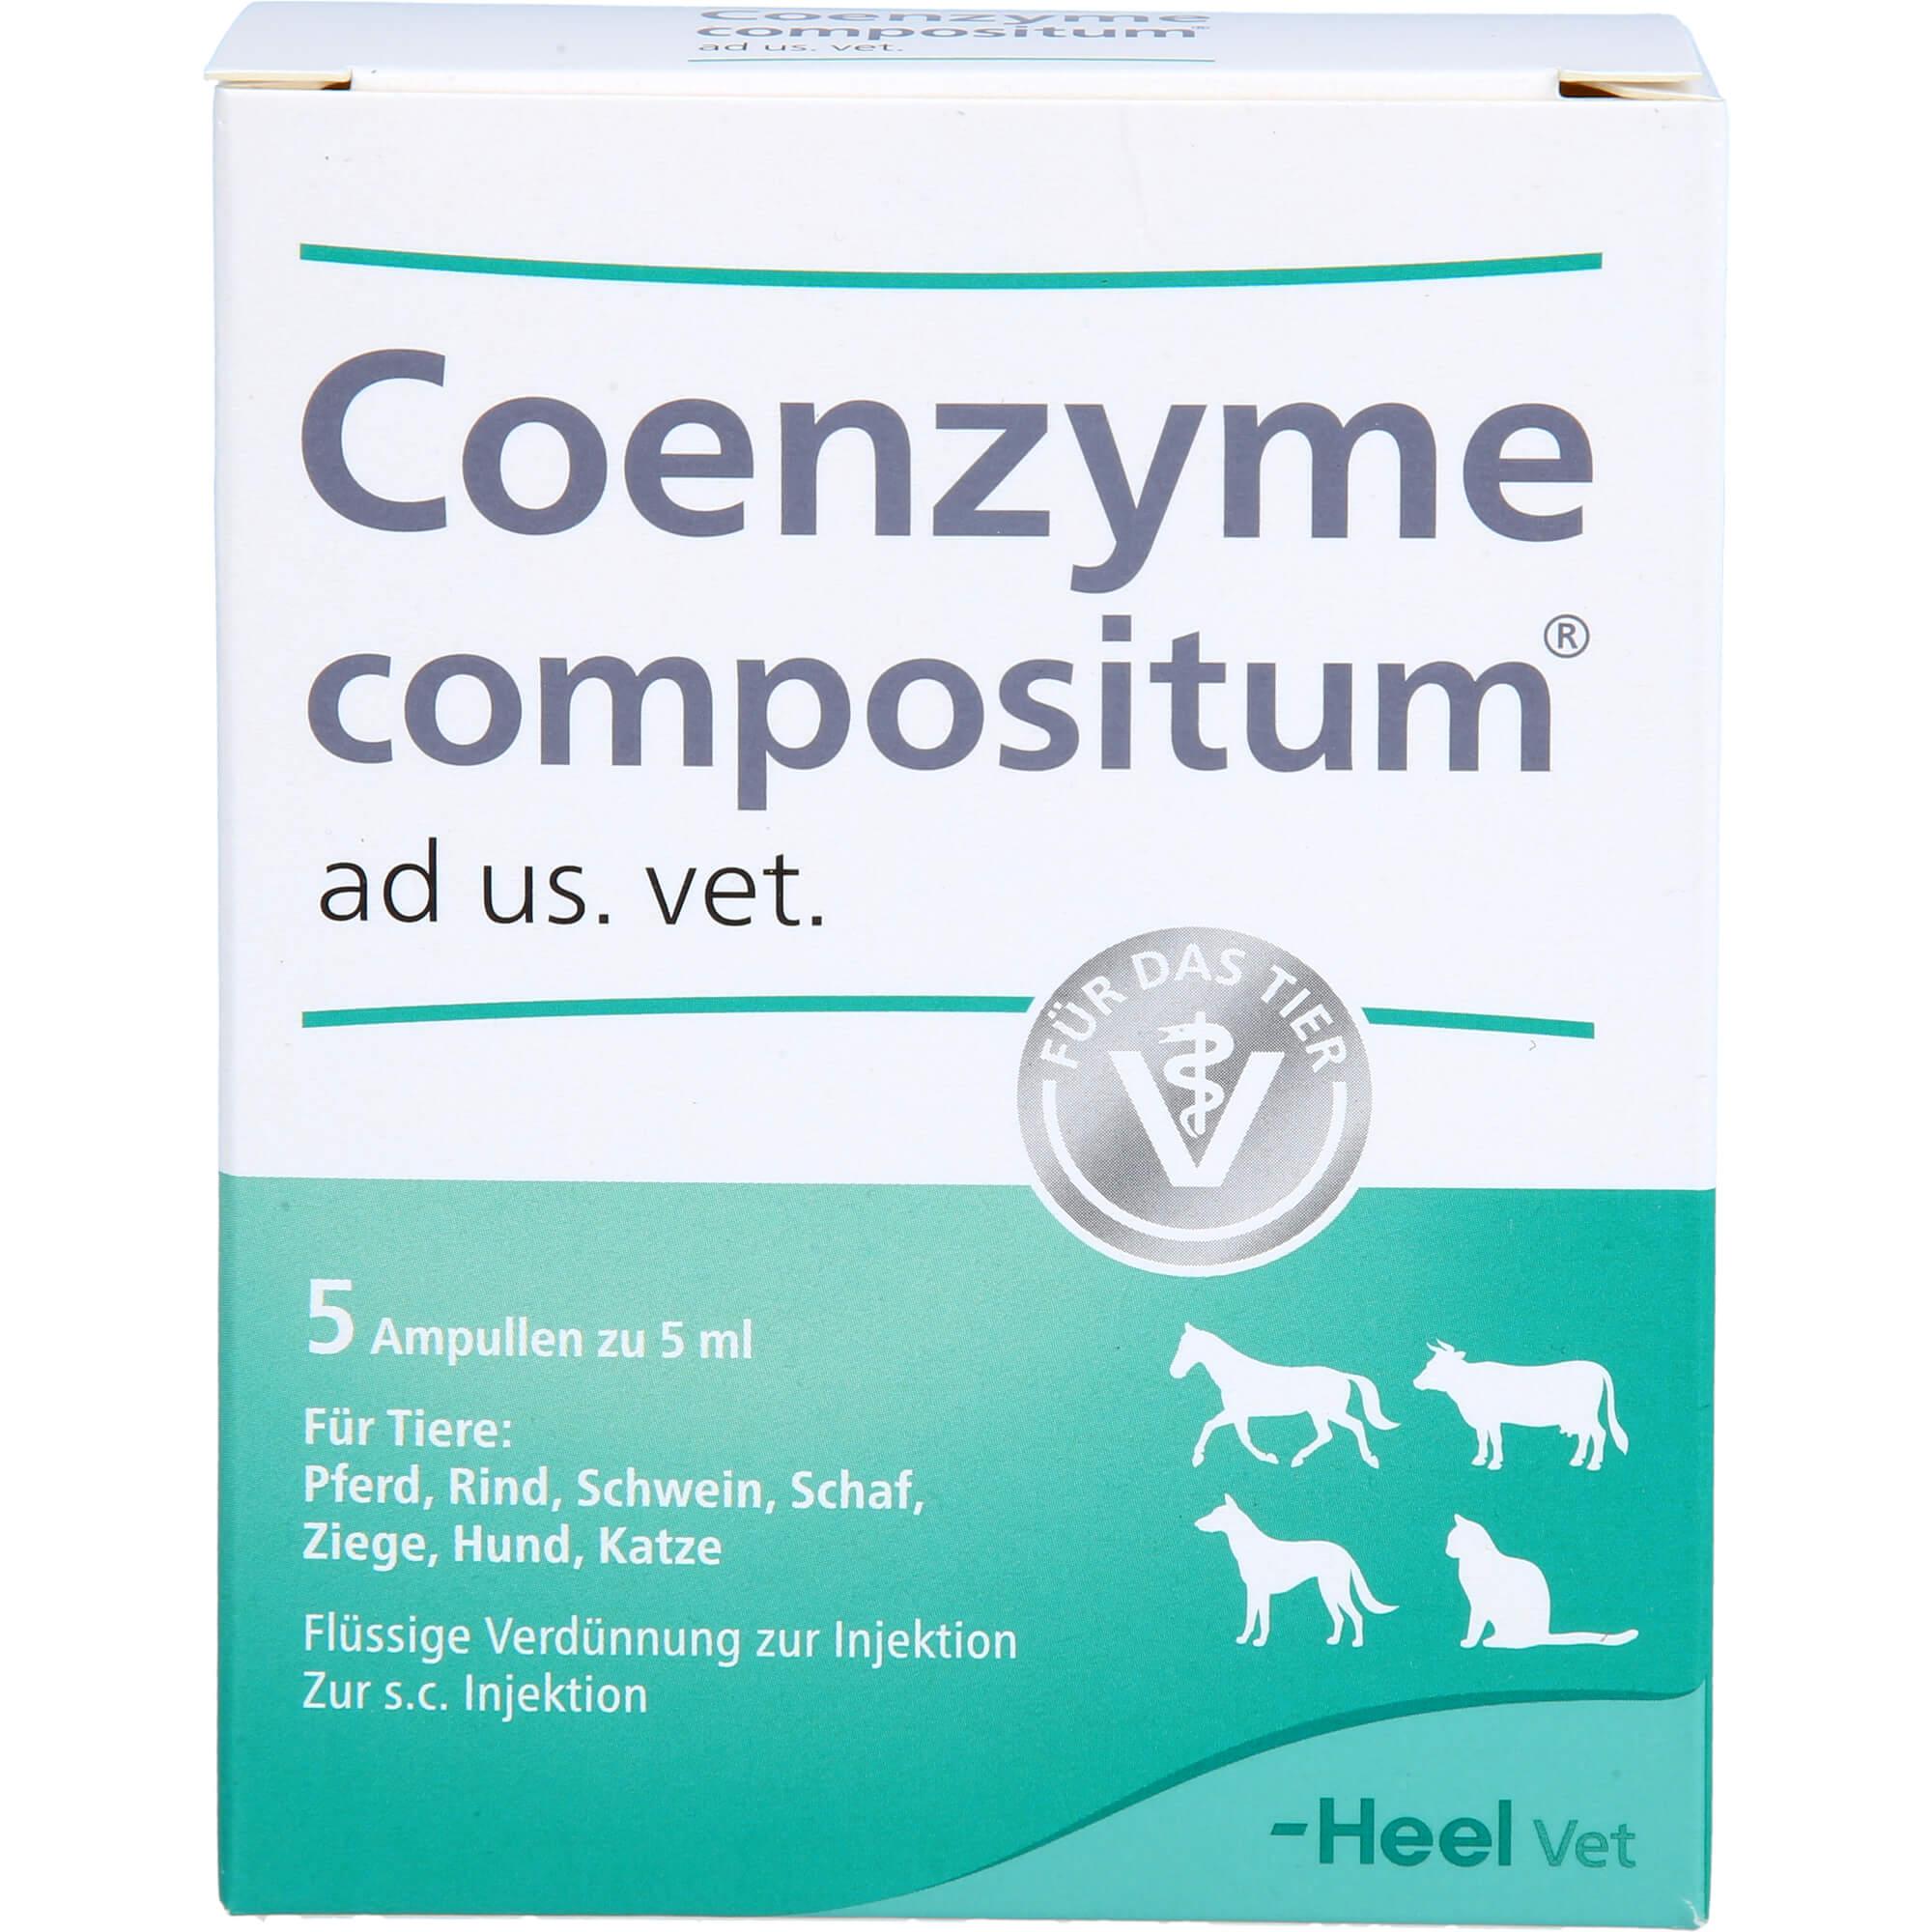 COENZYME-COMPOSITUM-ad-us-vet-Ampullen